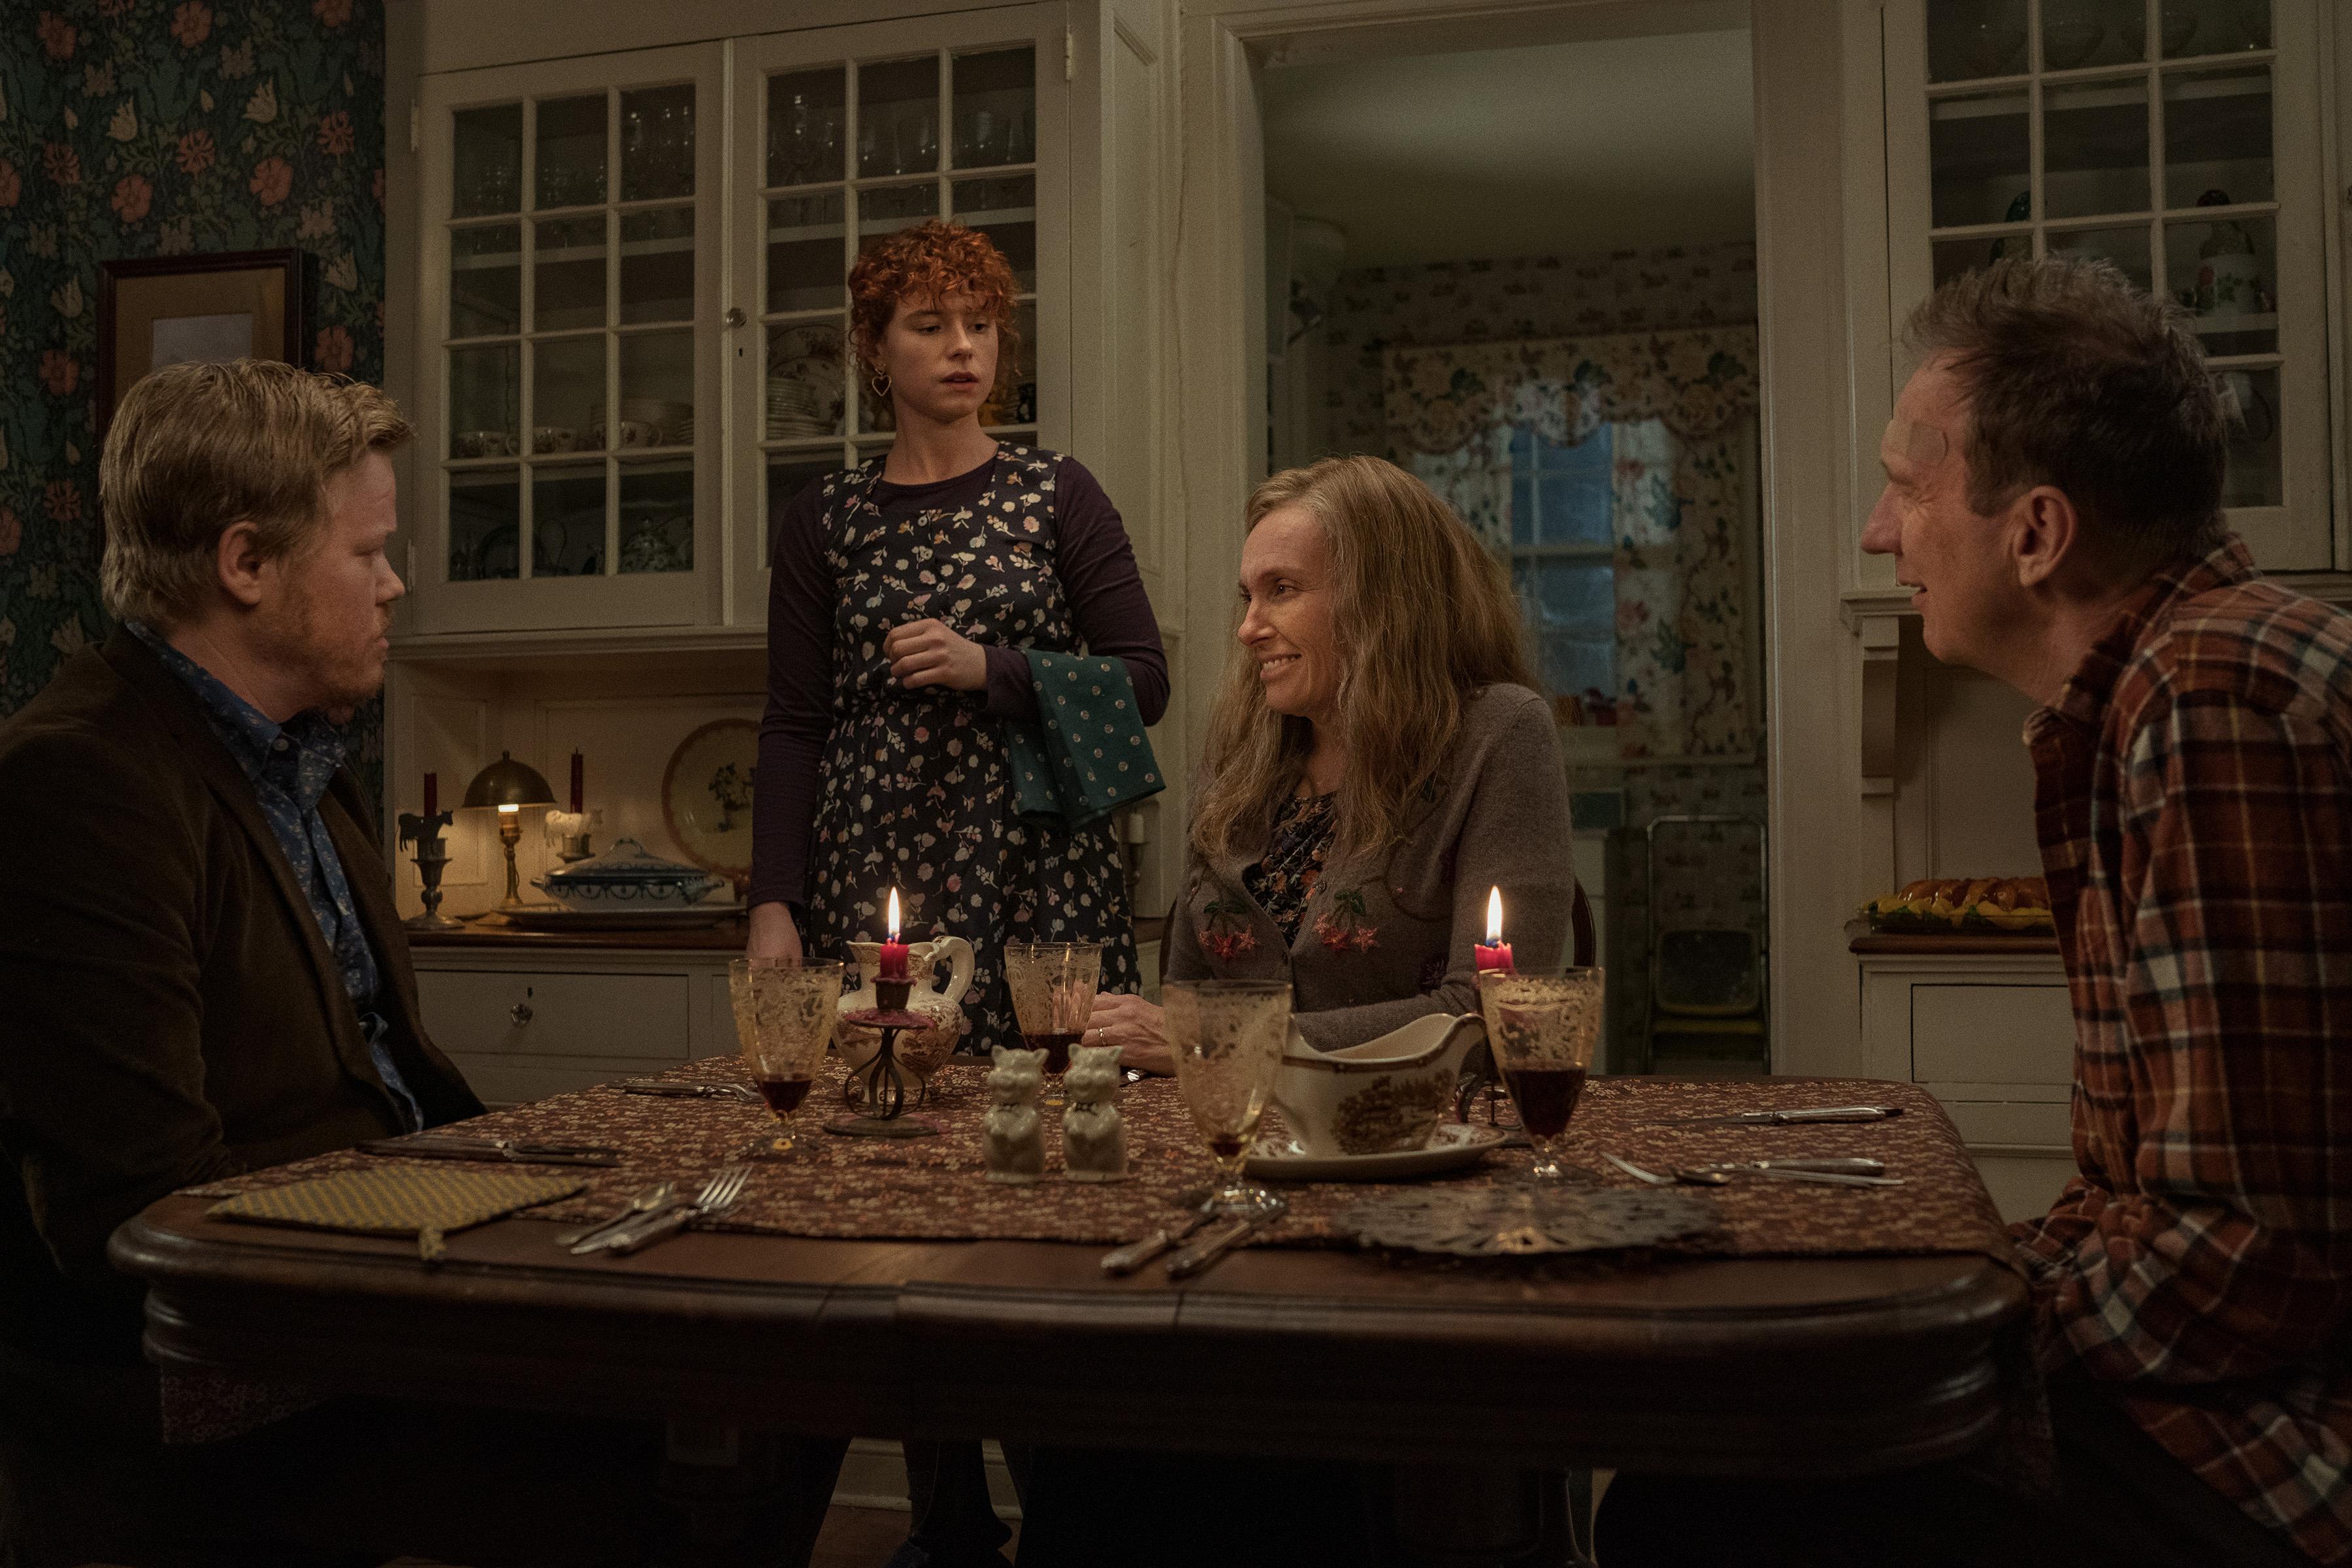 好萊塢男星傑西普萊蒙(左1)、《宿怨》女星東妮克莉蒂(右2)與出男星大衛休里斯(右1)在本片中有相當恐怖的表情演出